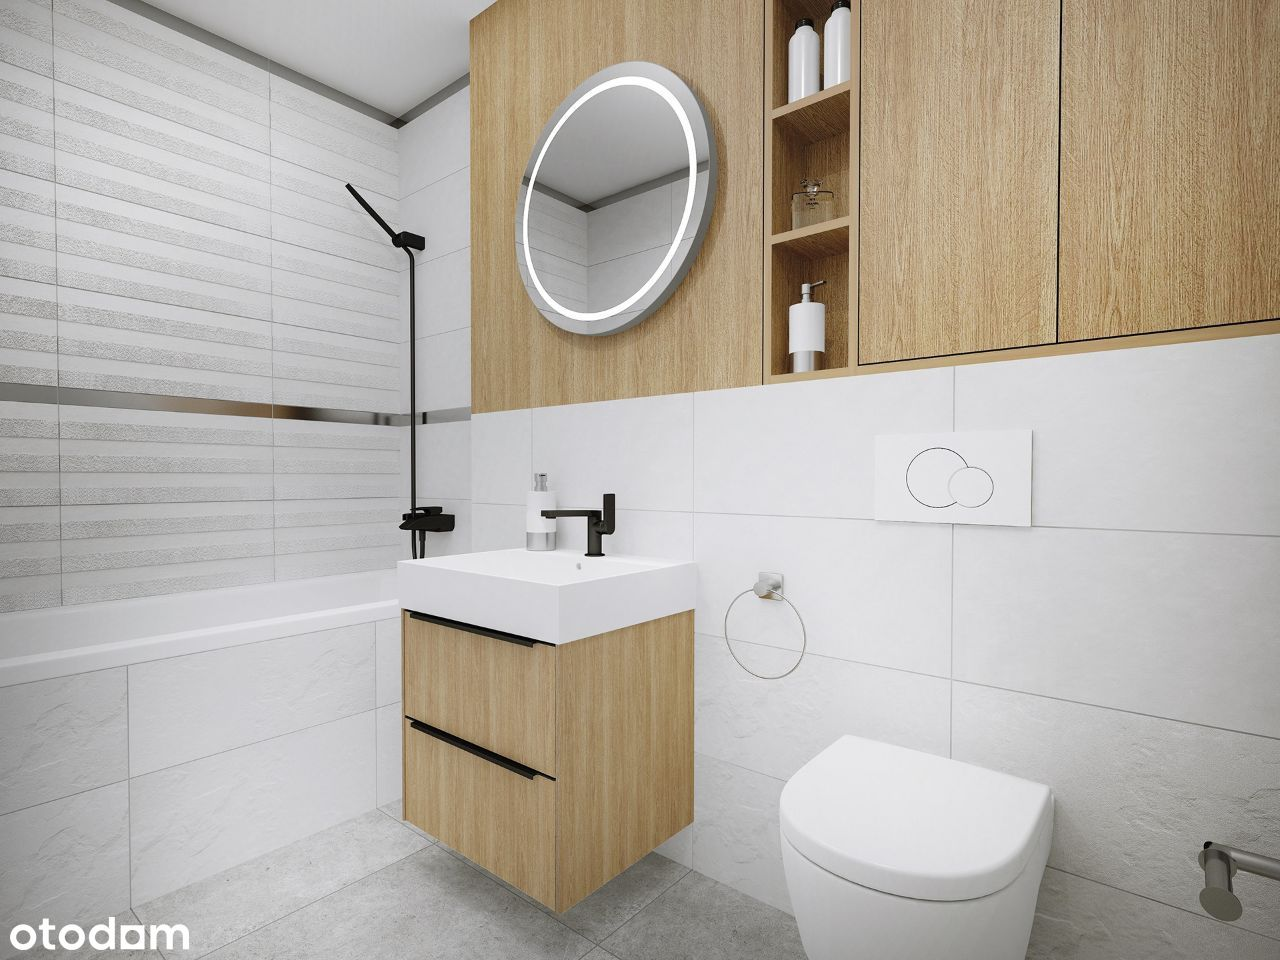 Luksusowy apartament! Idealny dla pary!! 0% PCC